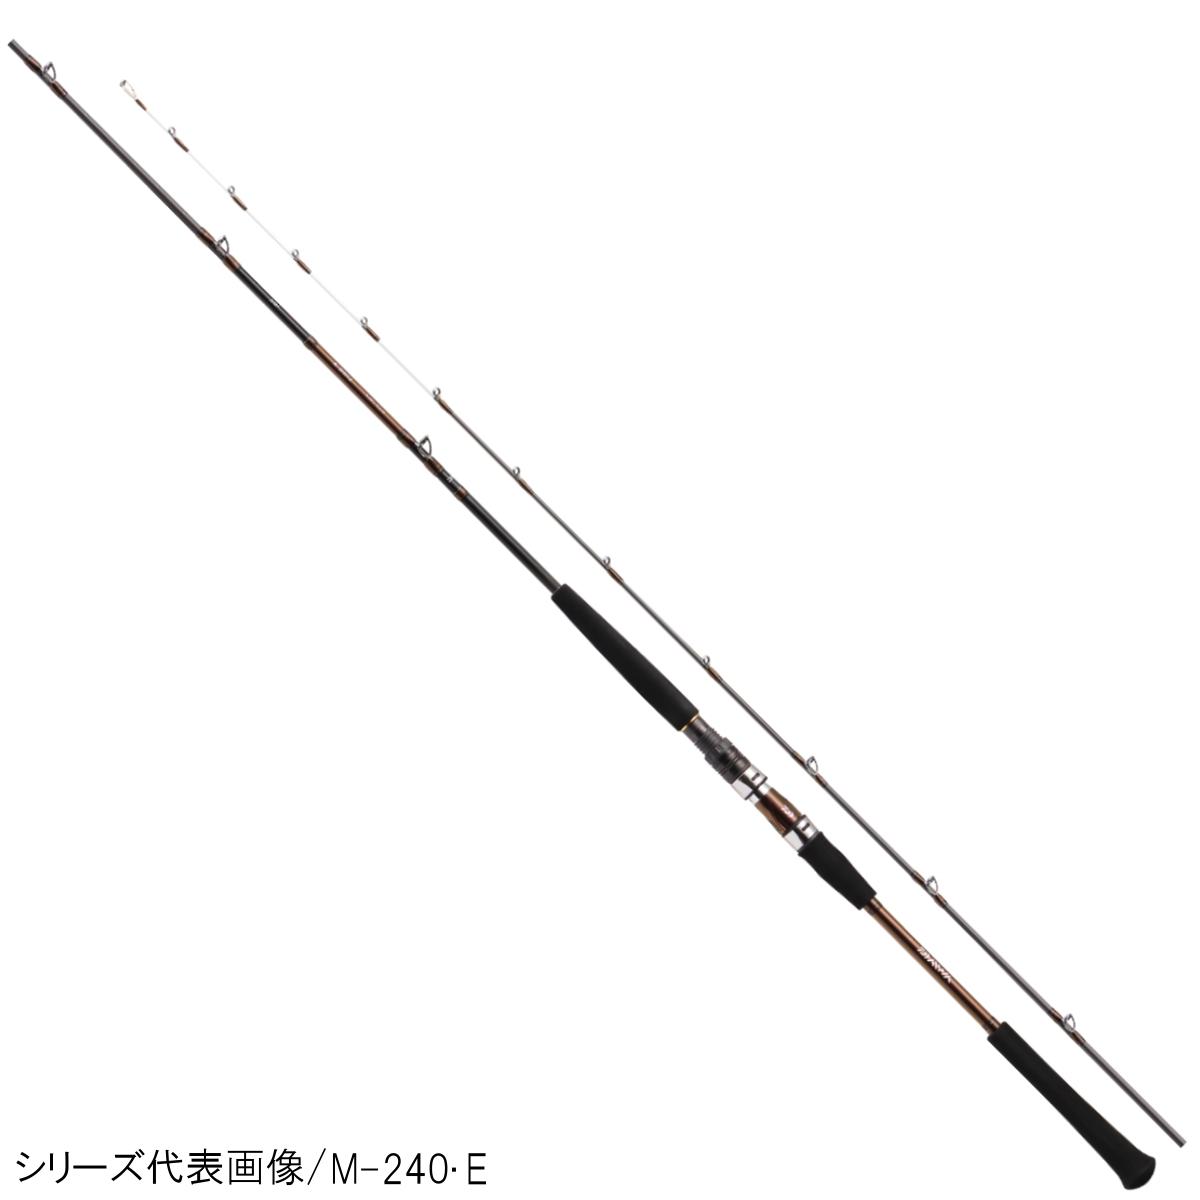 ダイワ A-ブリッツ ネライ MH-240・E【大型商品】